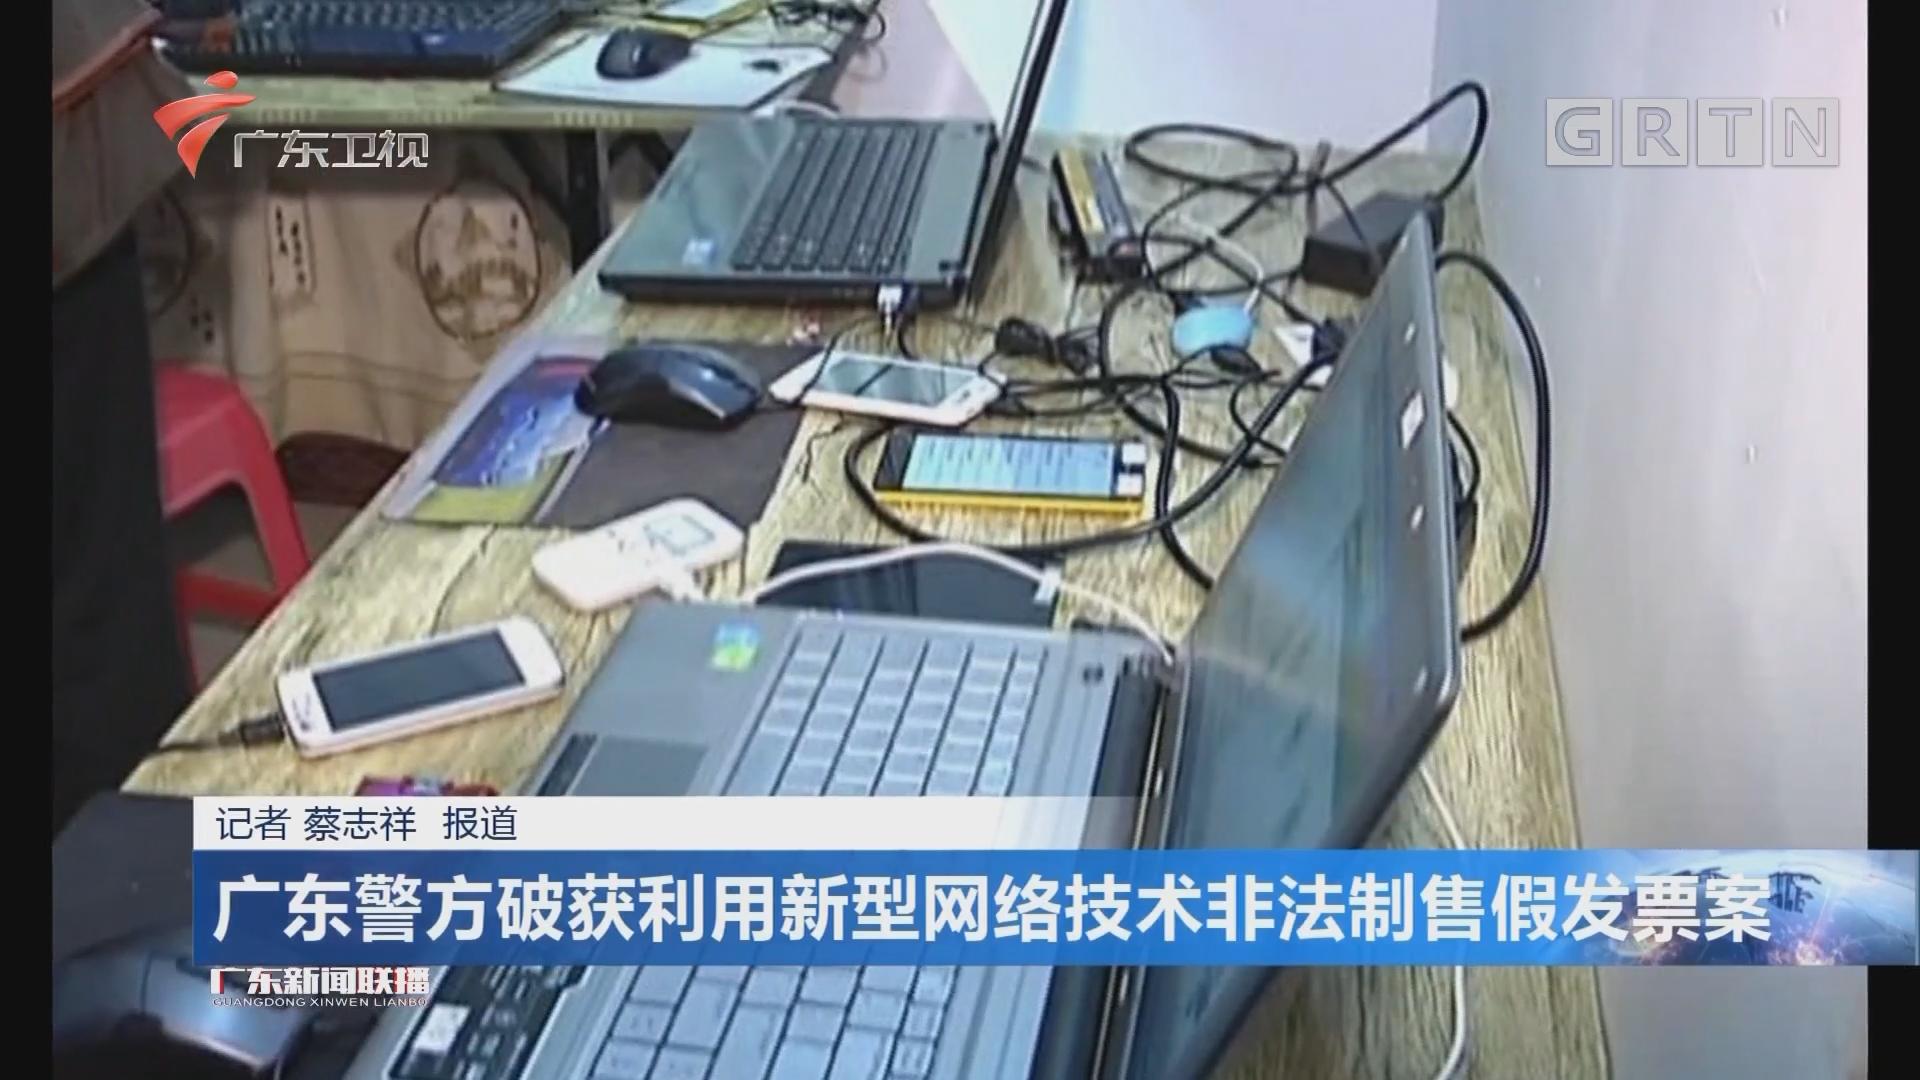 广东警方破获利用新型网络技术非法制售假发票案